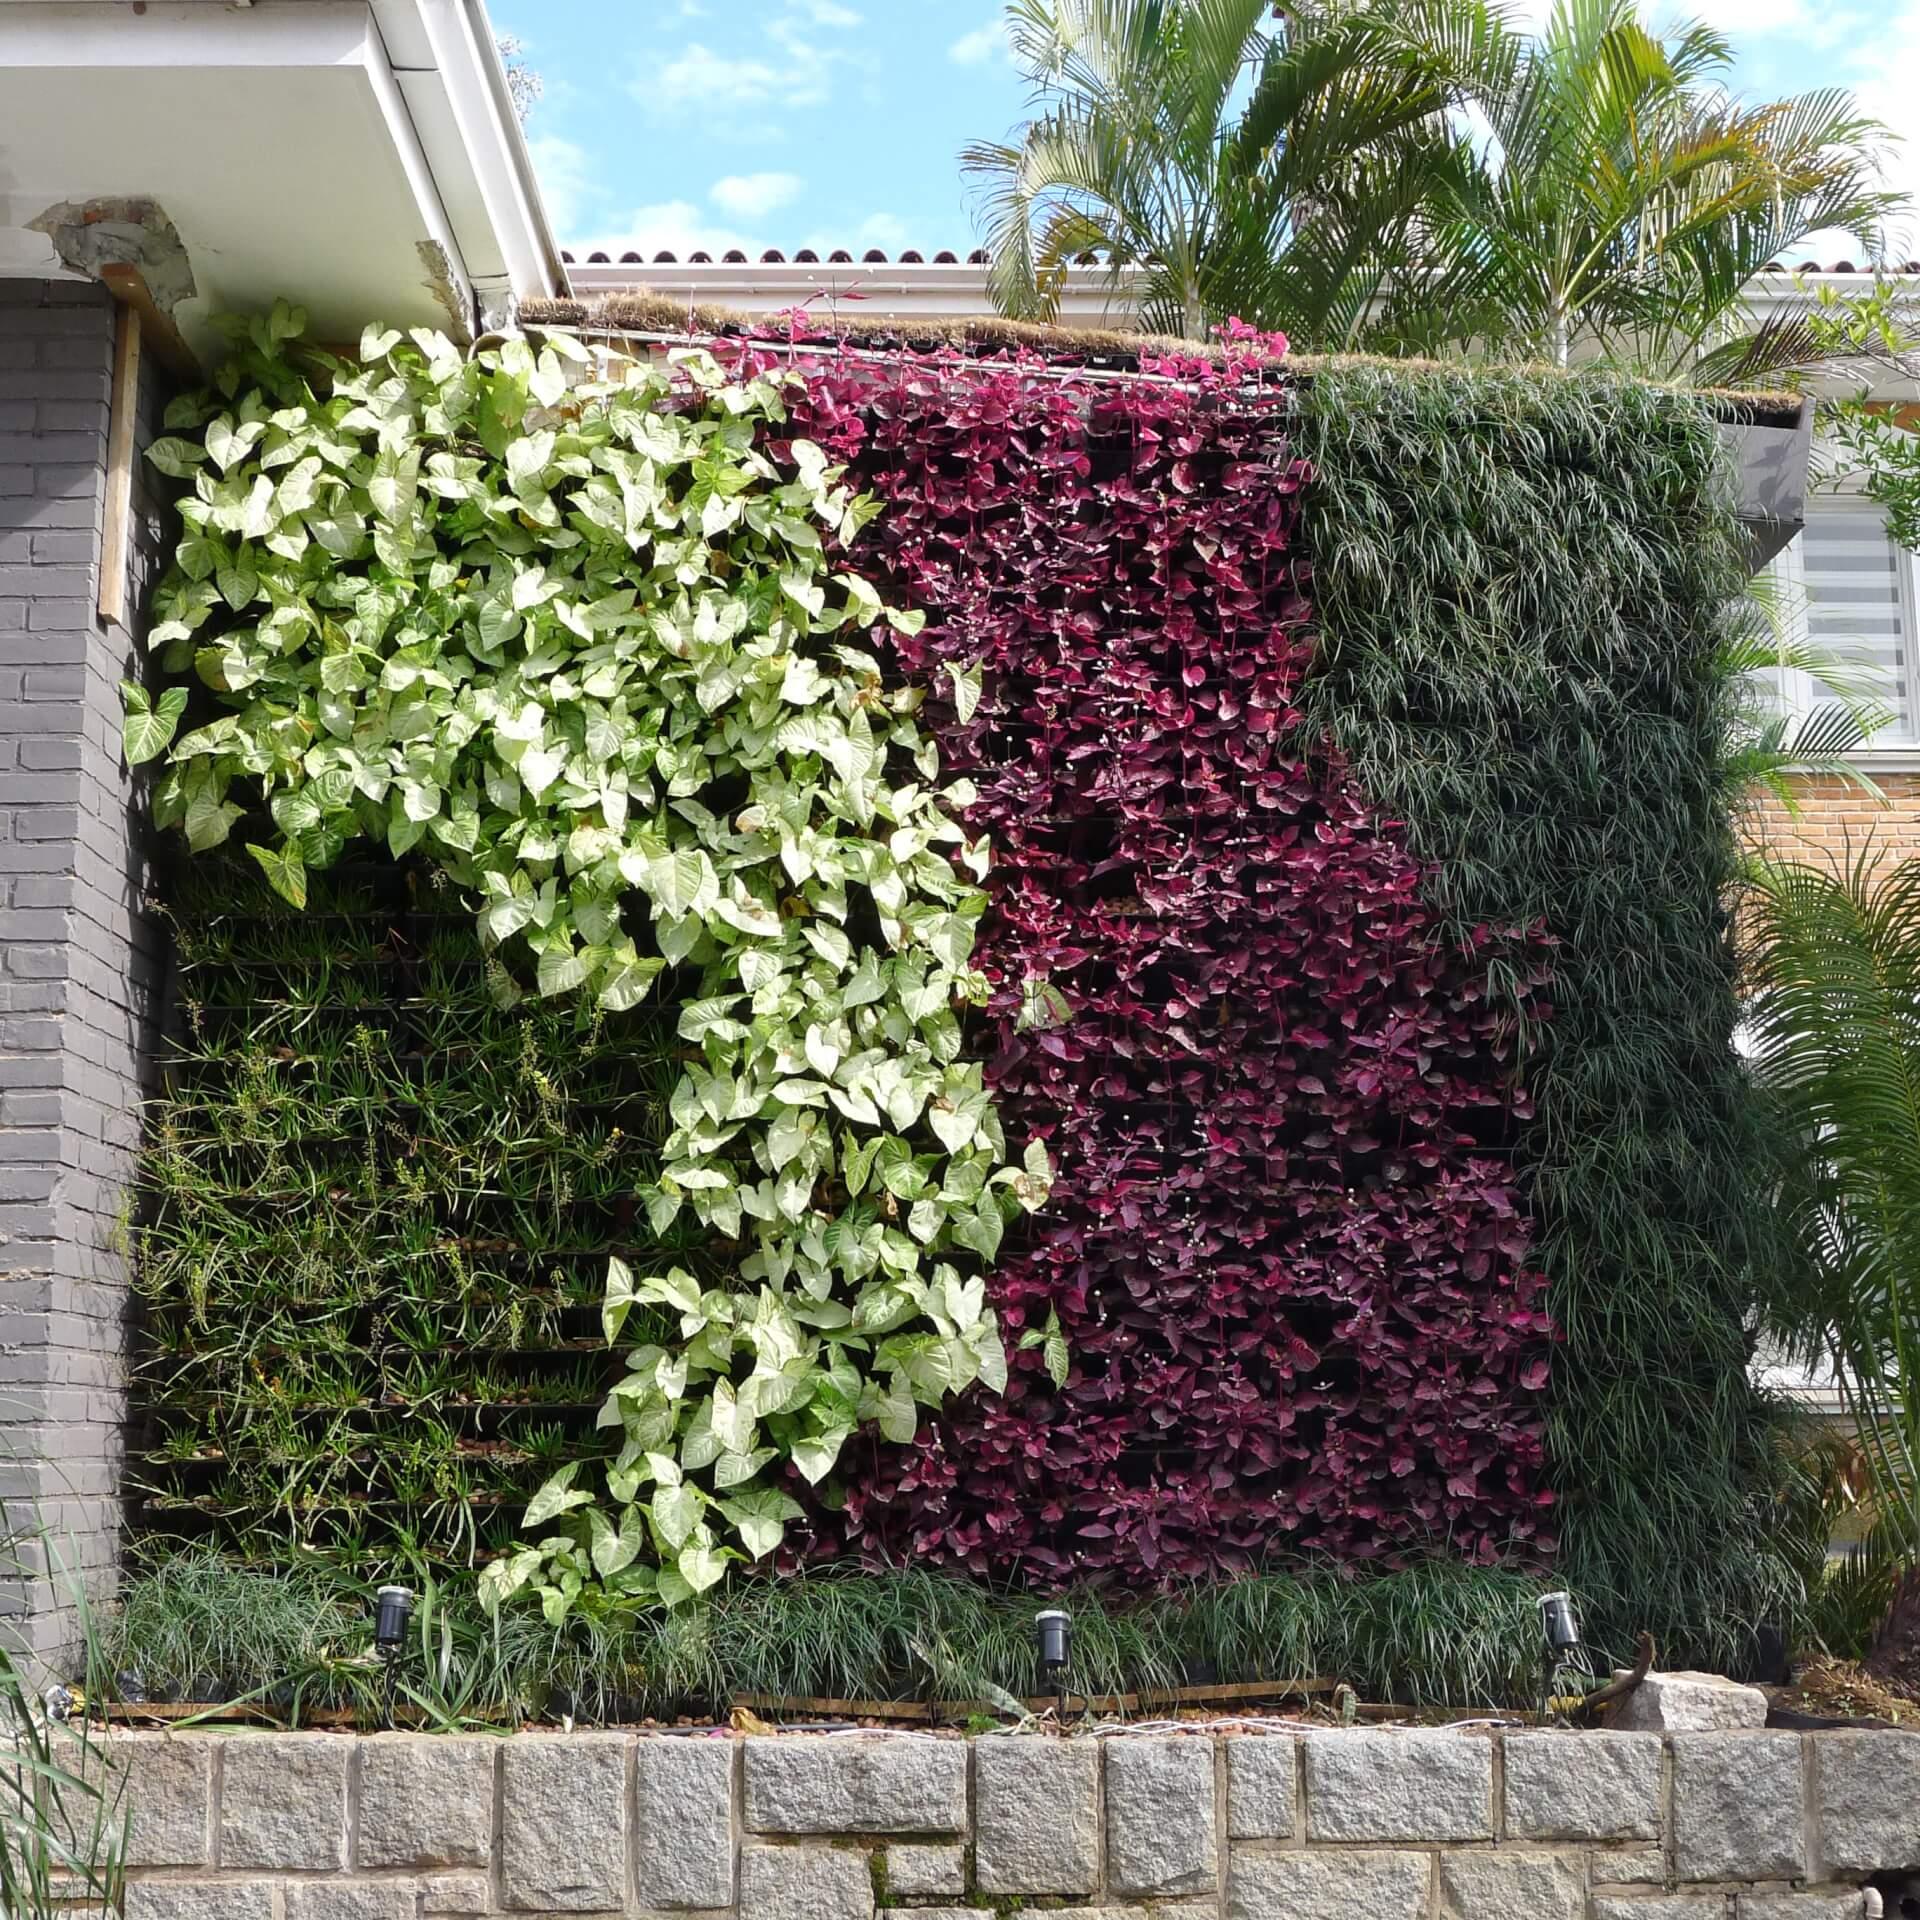 jardim vertical moderno:Galeria de Fotos Ecotelhado